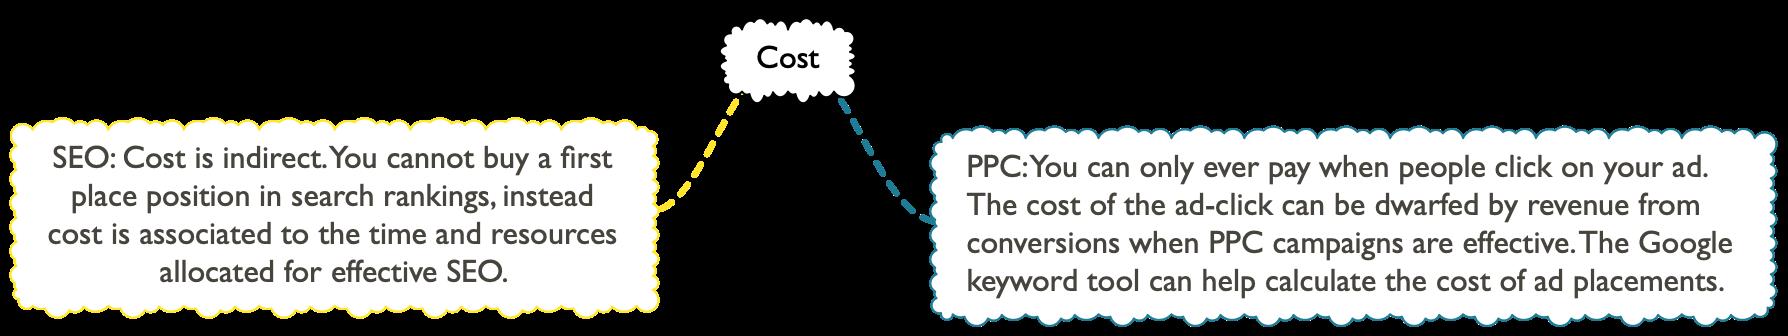 Cost summary SEO PPC